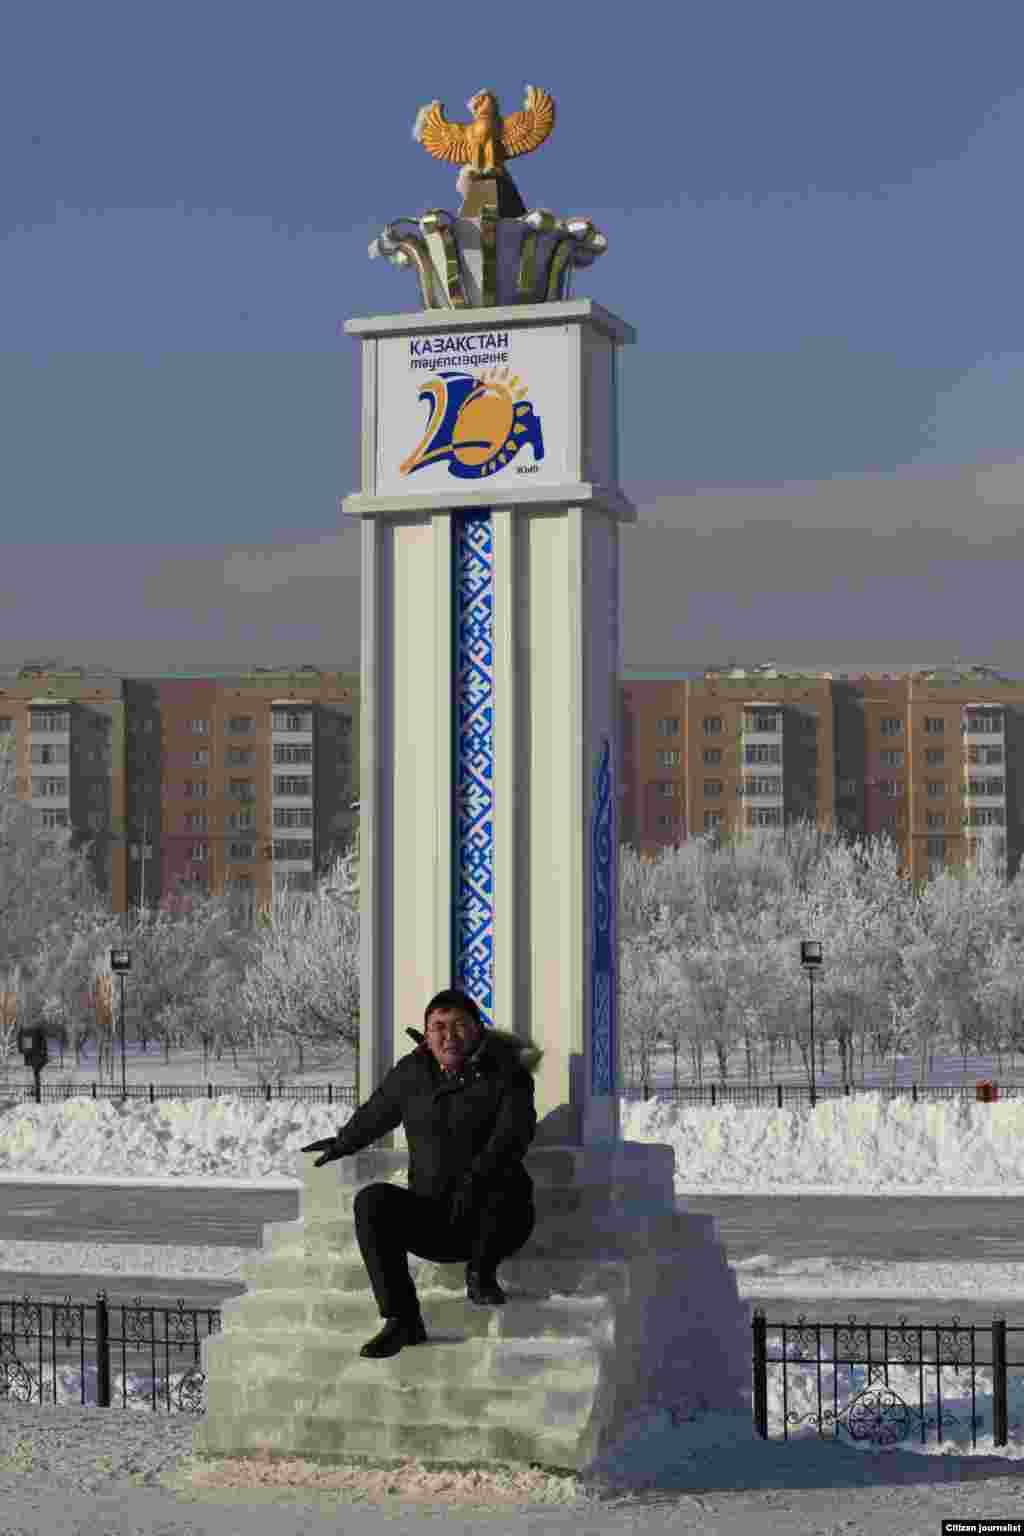 Мұз құрсауды жарып шыққан азаттық. Астана қаласында, Есілдің жағасында. 20 жыл Тәуелсізбіз, 20 жыл Азаттыққа. Жүктеген Жандос.